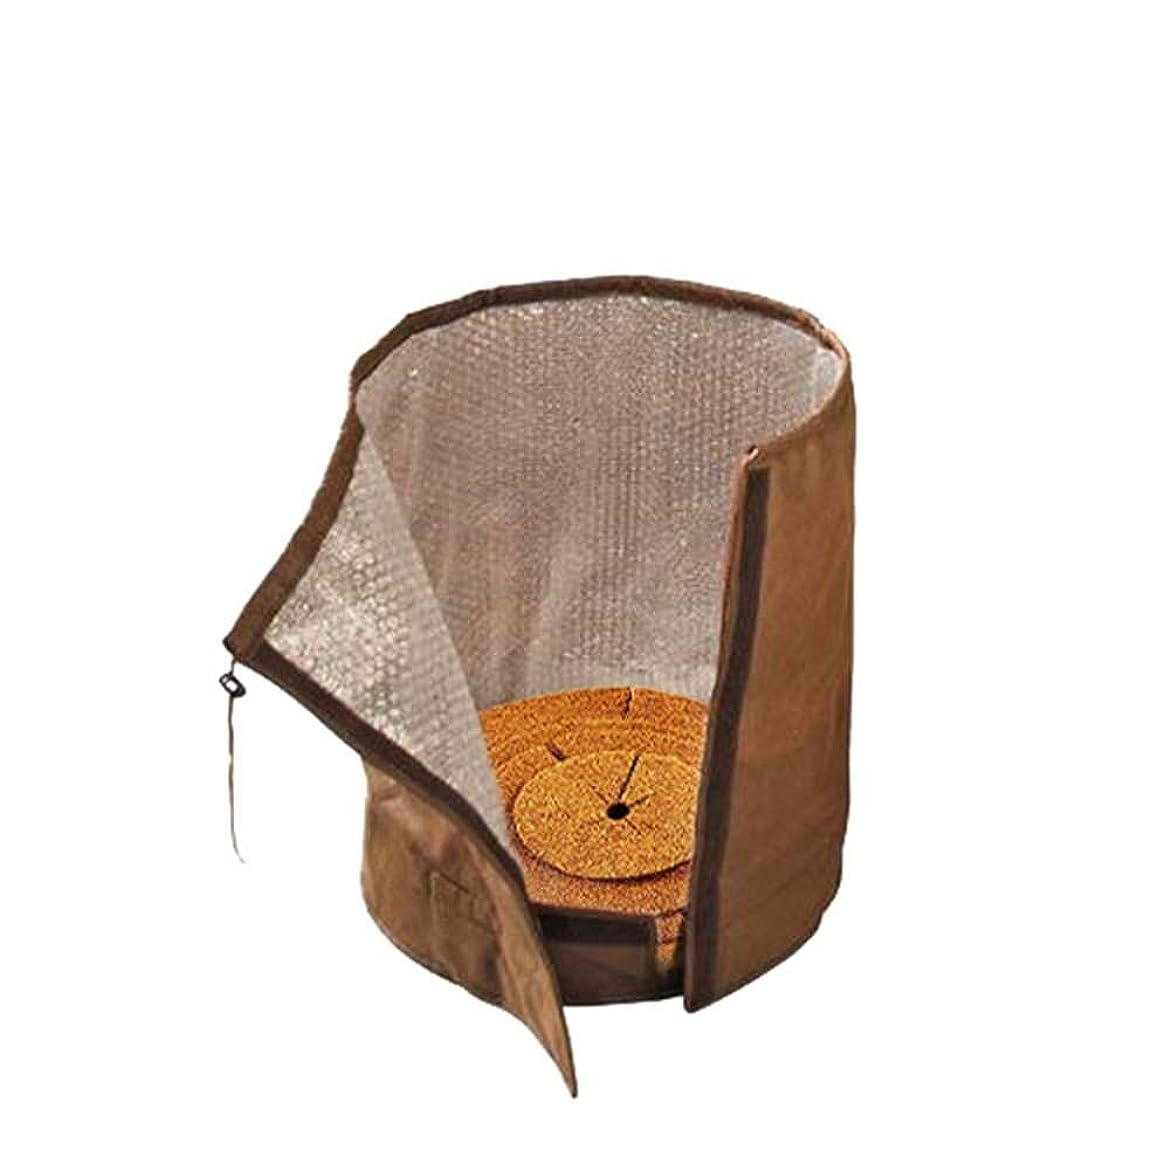 司令官会員印象的QIN 植木鉢保護カバー 植木鉢プロテクター 2層 断熱性 植物保護 冬の霜フリーズ用保護カバー UV保護 ガスケット付き 再利用可能 防寒 防カビ 排水穴付き ガーデニング 屋外での使用に適しています 2サイズ